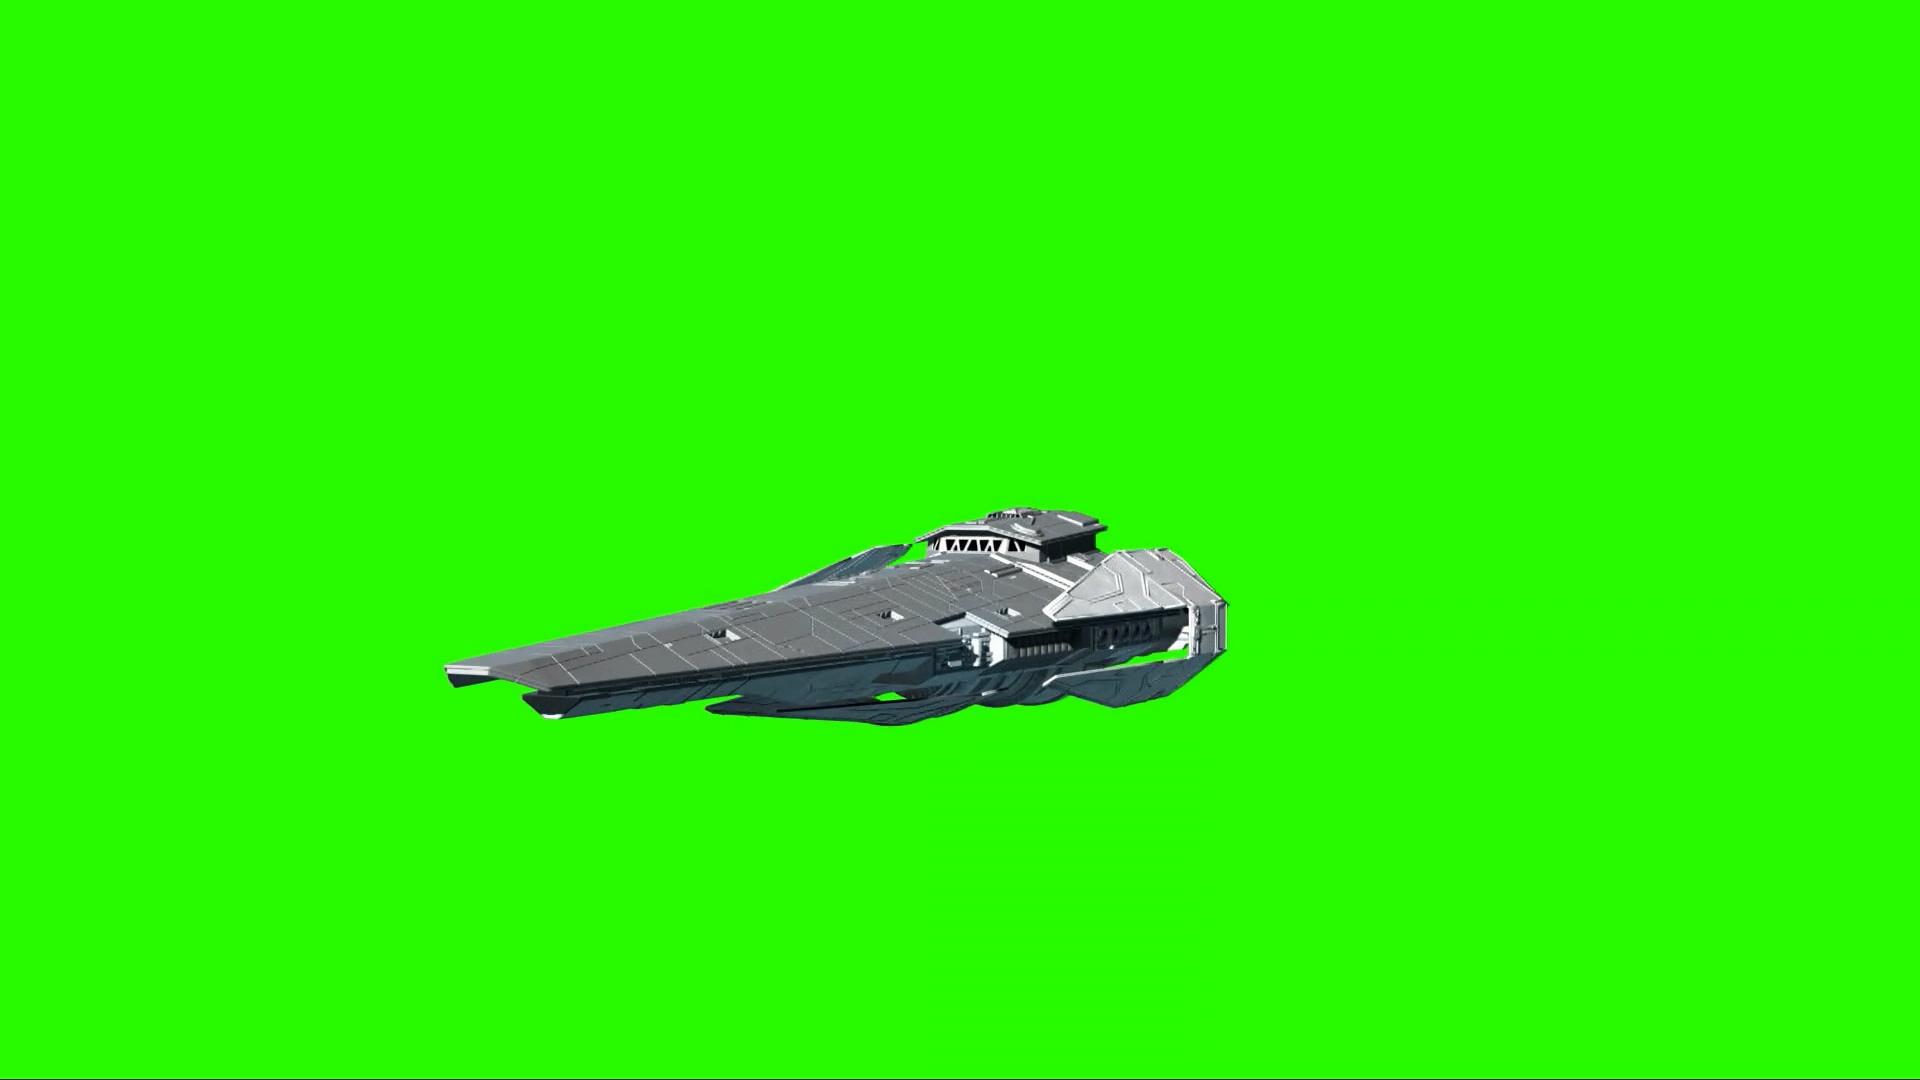 绿幕抠像-星球大战前线2宇宙飞船3D动画